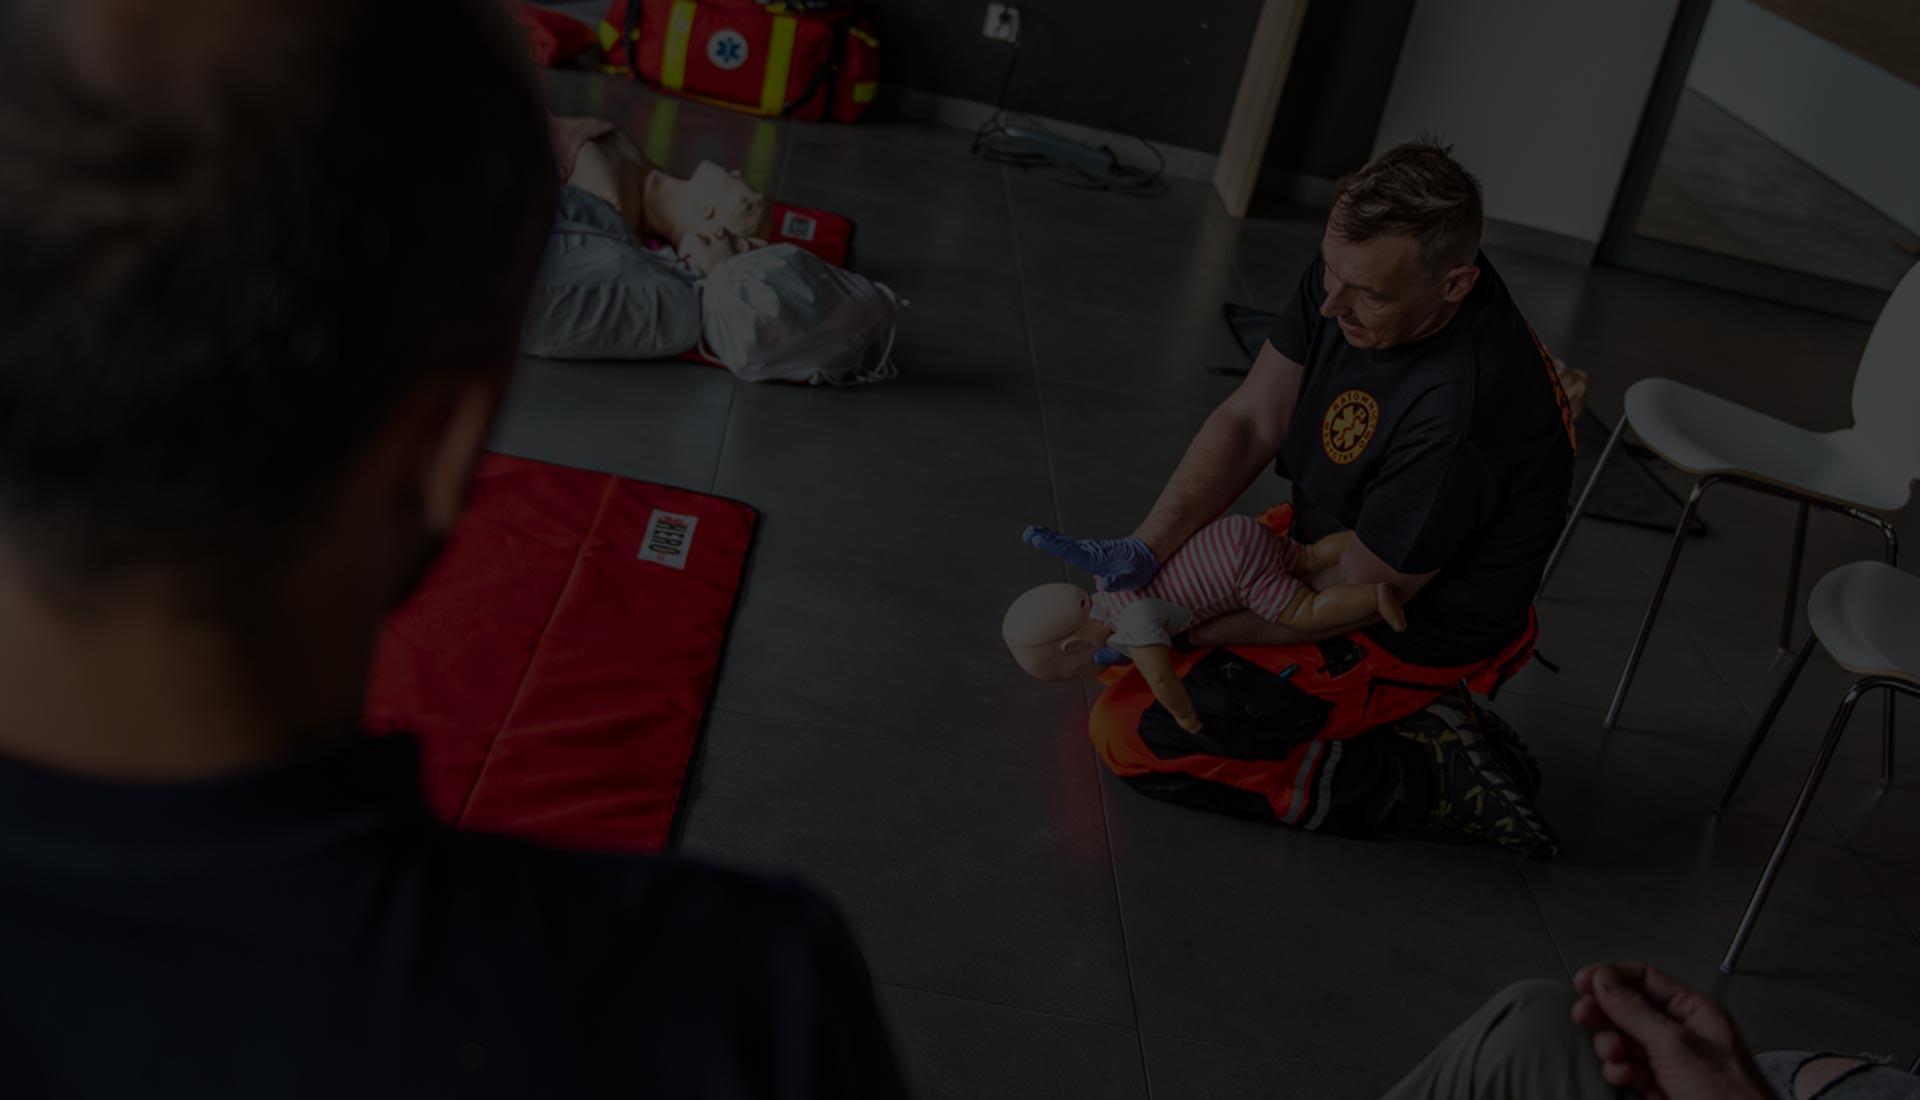 Szkolenie kurs pierwszej pomocy pediatrycznej. Kurs pierwszej pomocy dla rodziców Wrocław. Szkolenie z pierwszej pomocy dzieciom Wrocław.